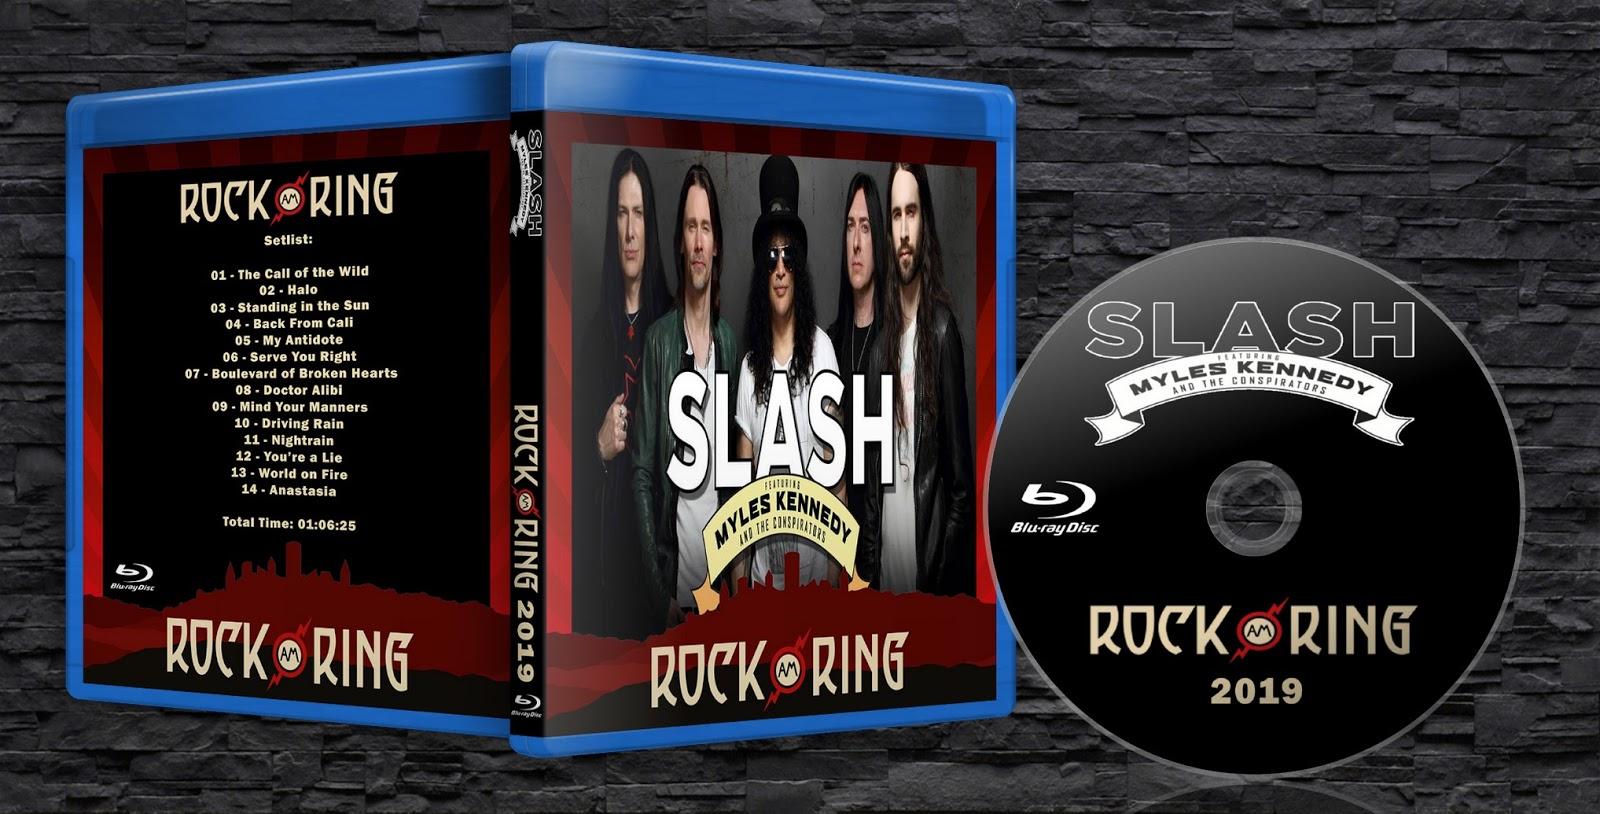 Deer5001rockcocert Slash 2019 06 07 Rock Am Ring Hd